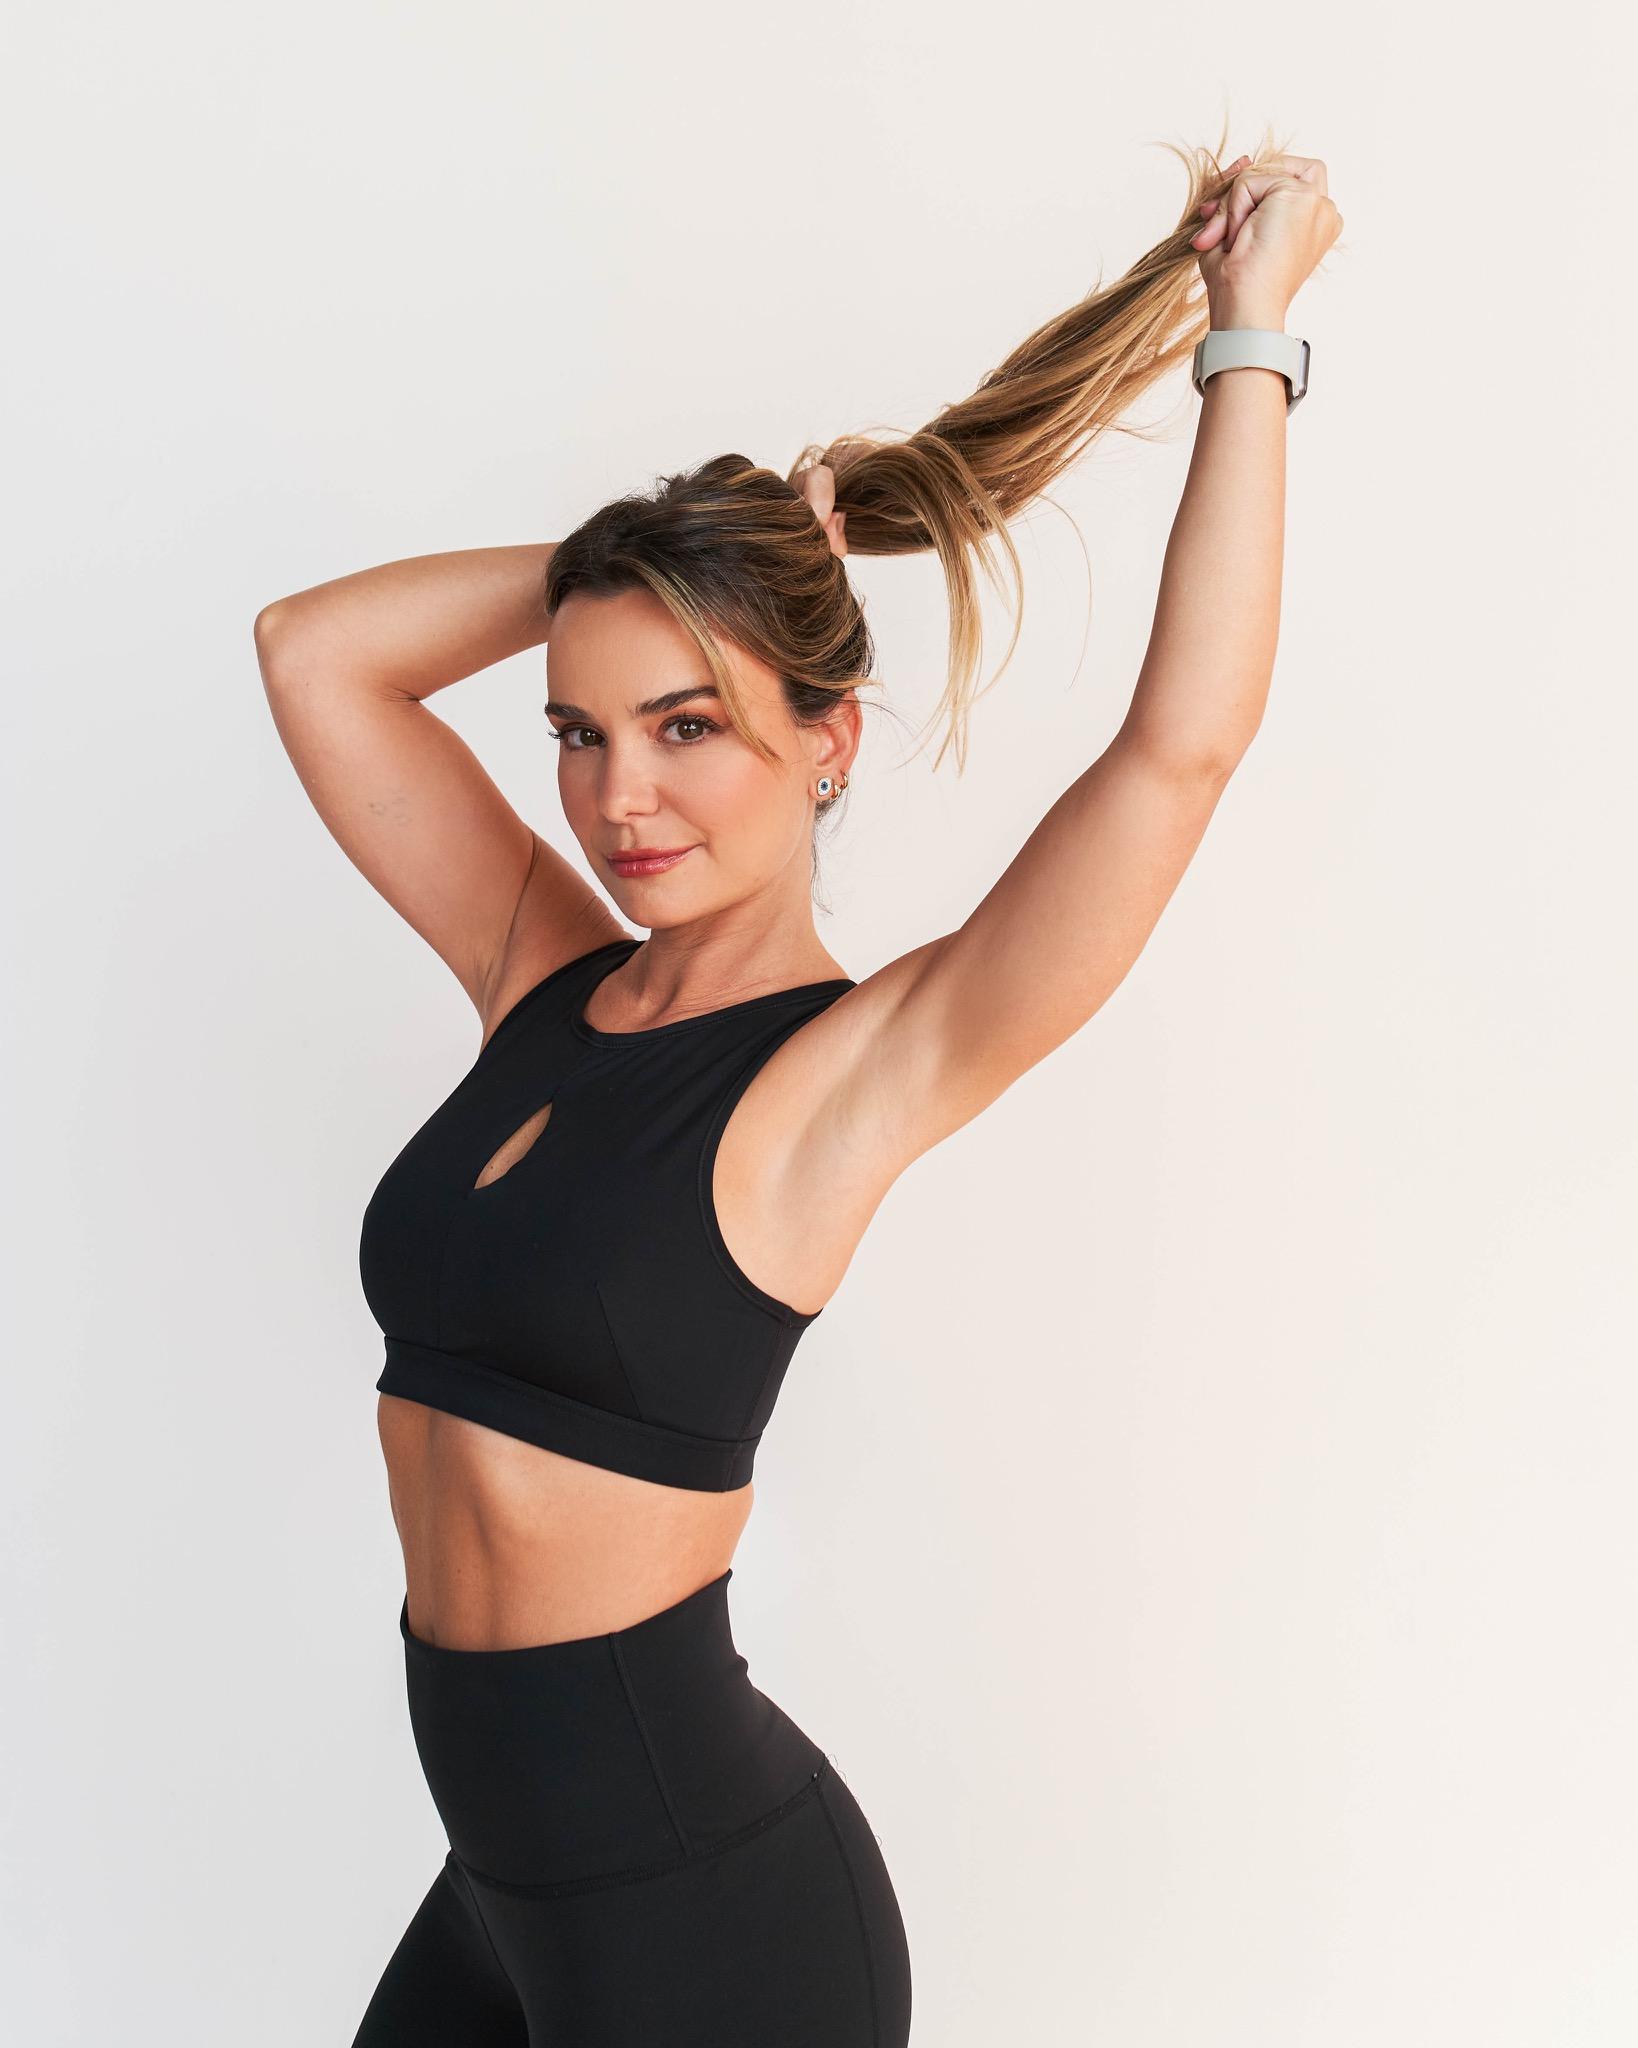 Foto mostra mulher com roupa de treino amarrando o cabelo